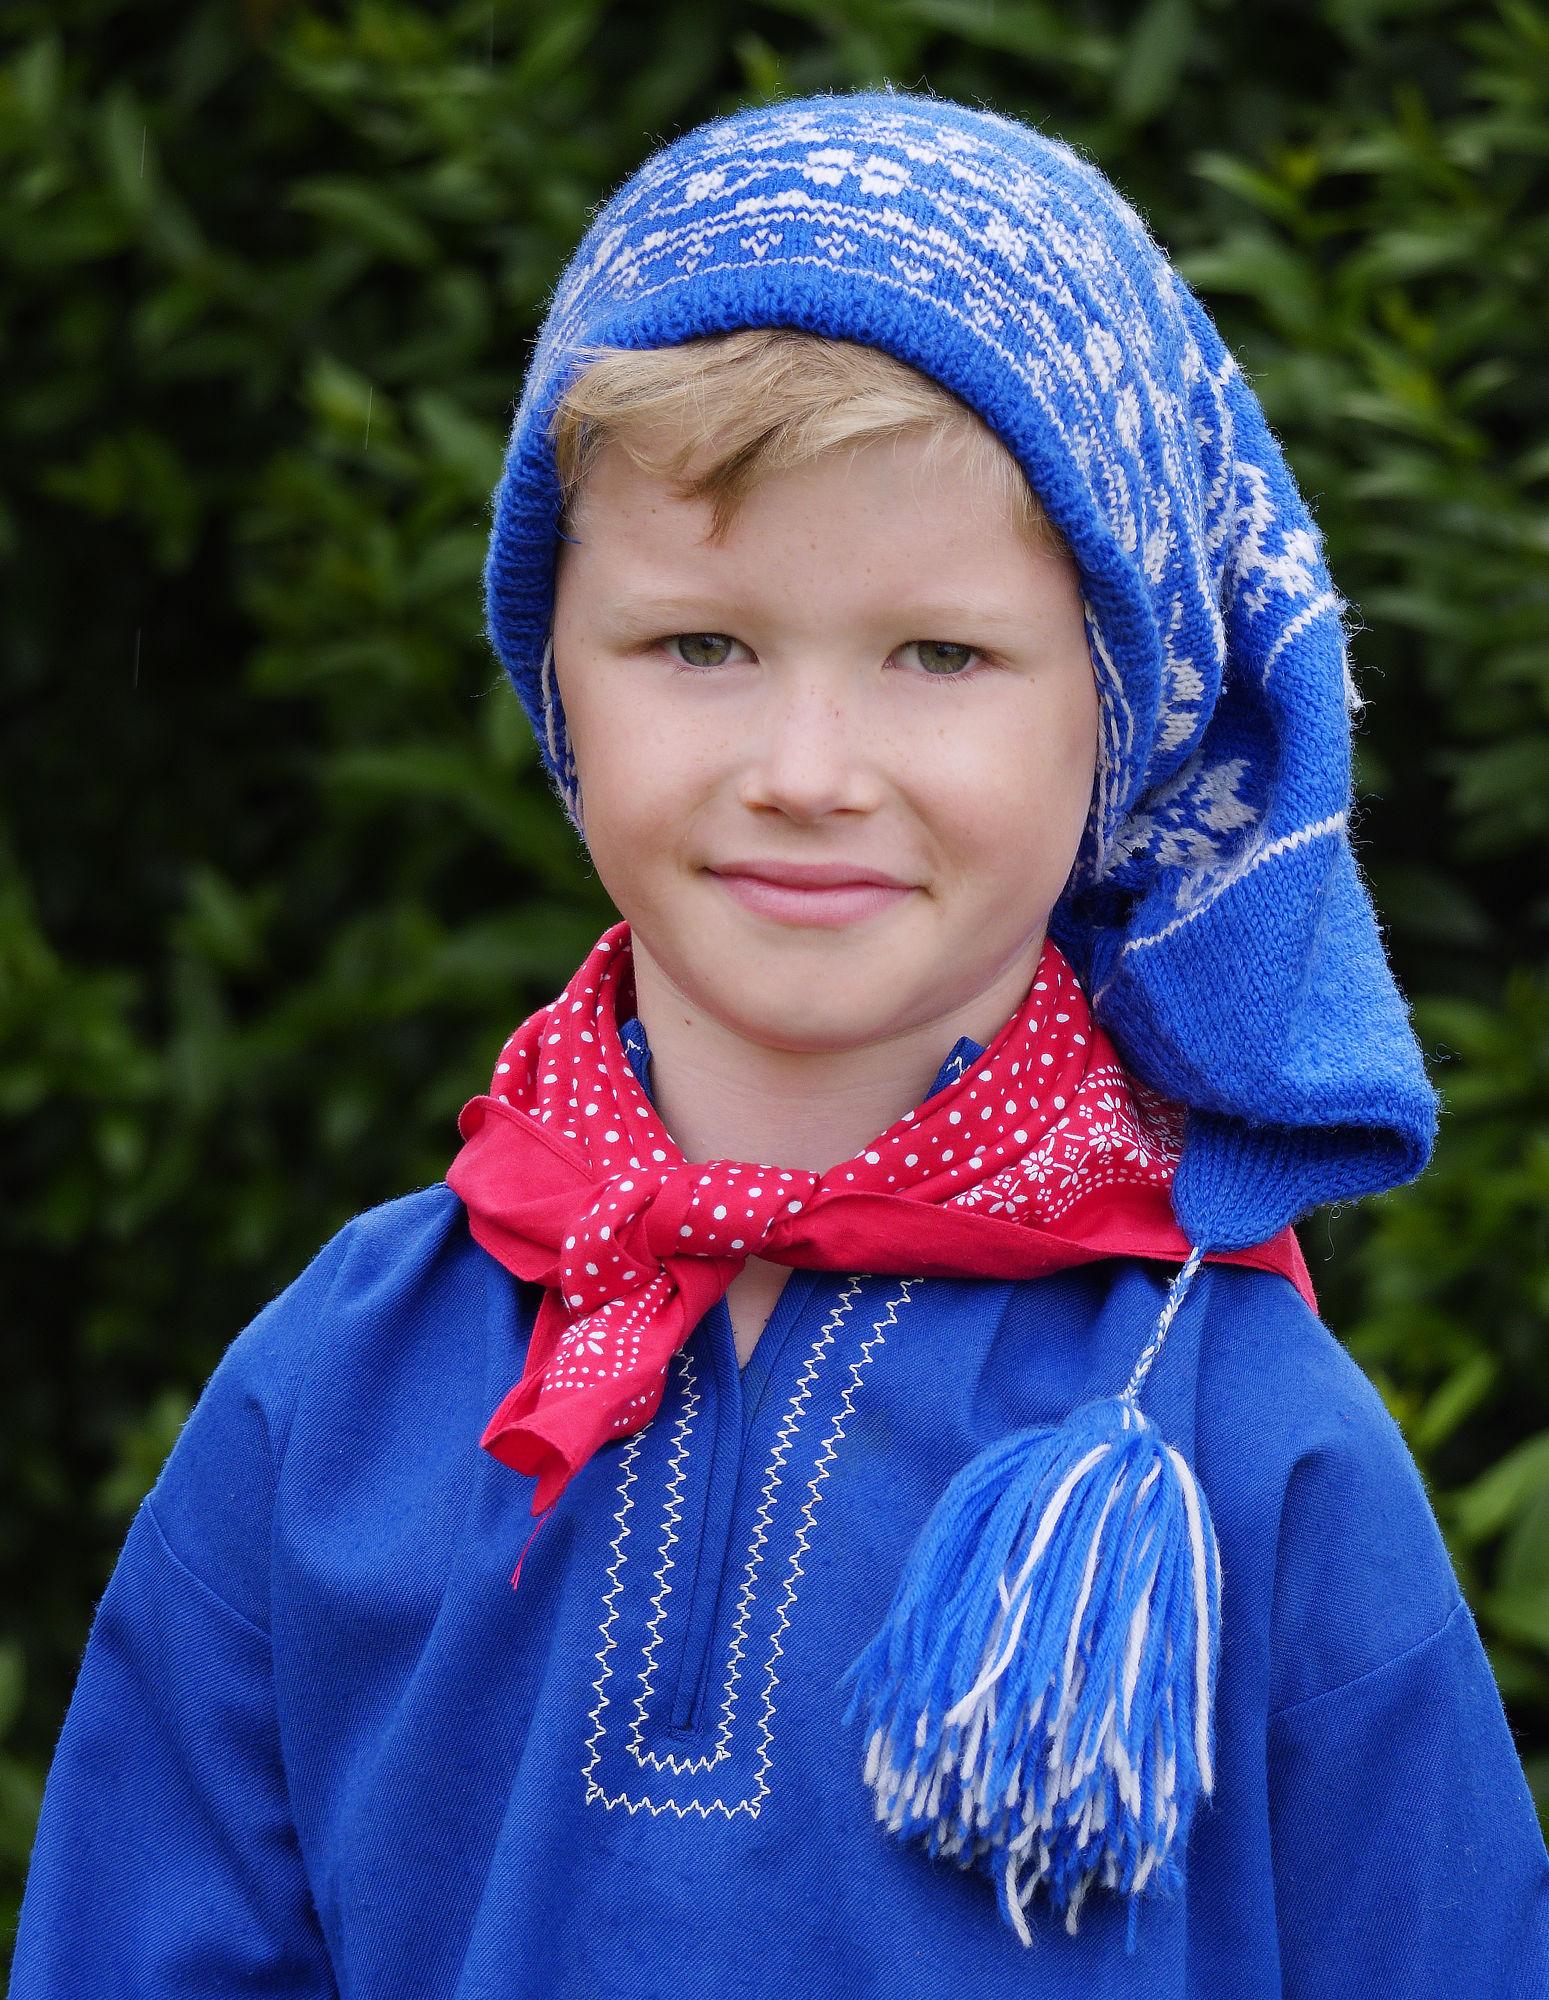 Zum Erntefest  trugen kleinere Jungen eine blaue Bommelmütze.